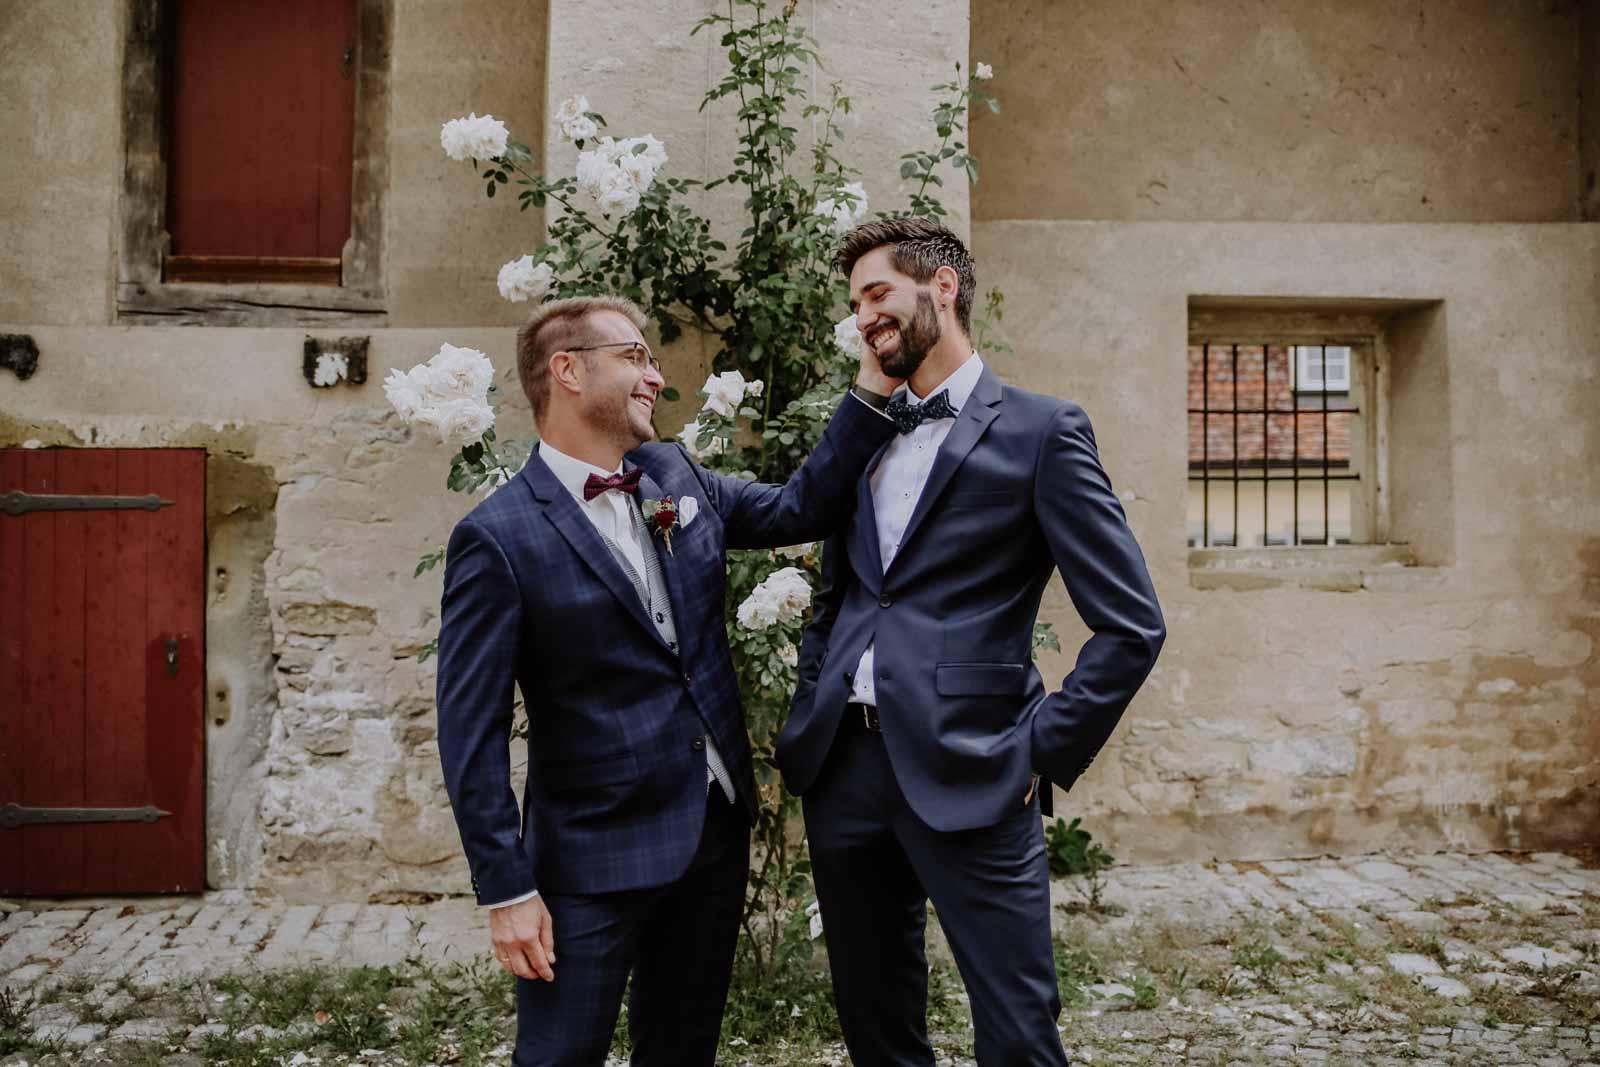 Zwei Männer im blauen Anzug